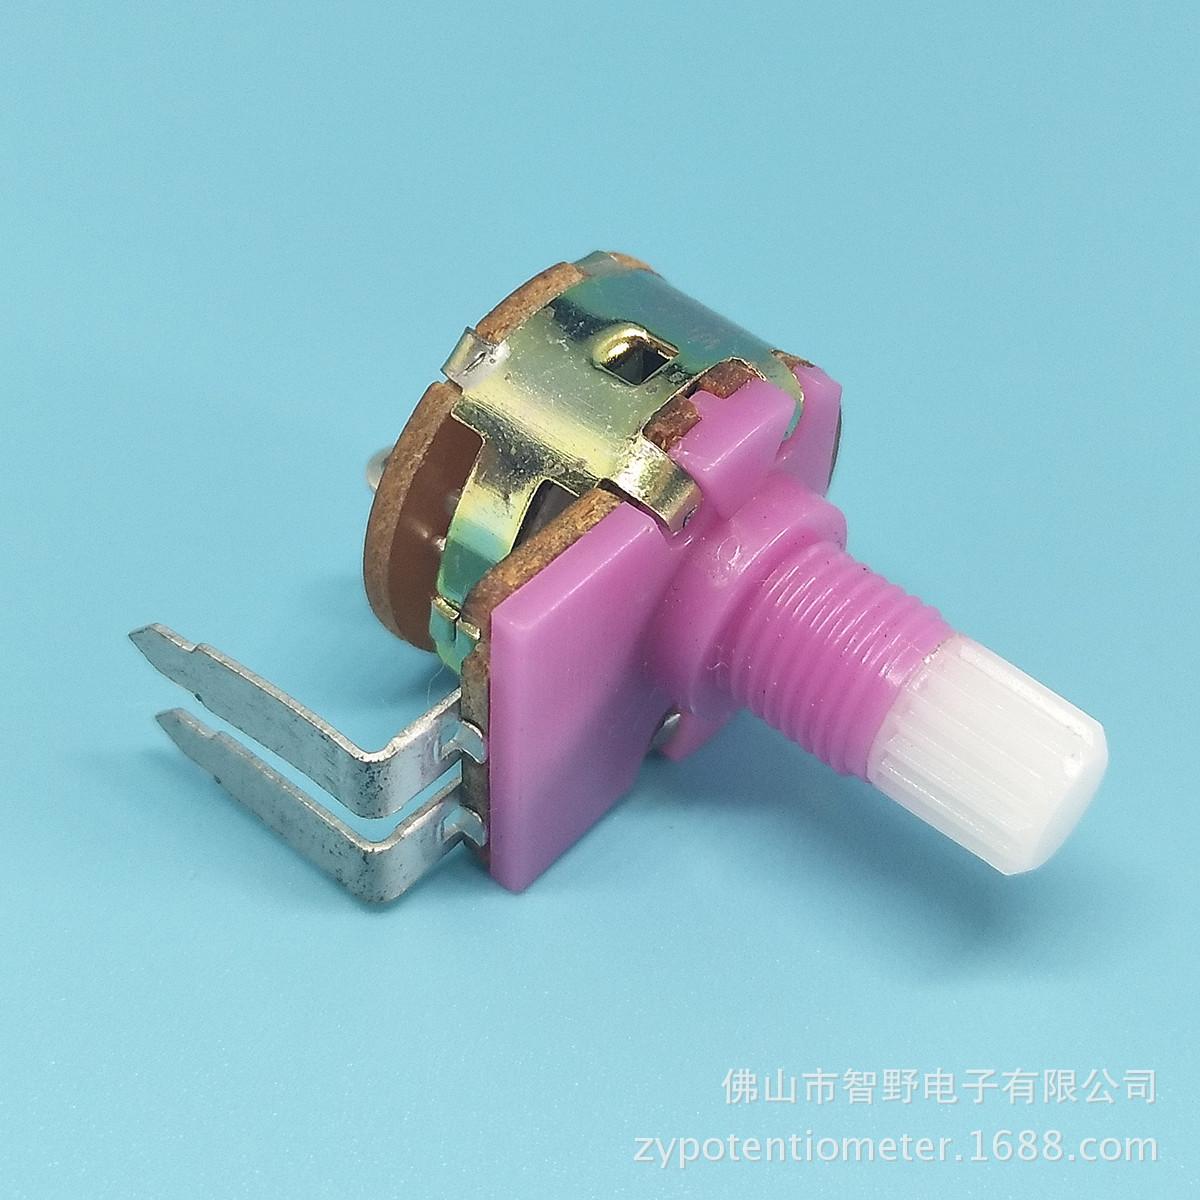 ZHIYE Công tắc điều chỉnh độ sáng Cung cấp trạm điều chỉnh nhiệt độ mờ với màu tím toàn bộ nhựa WH14